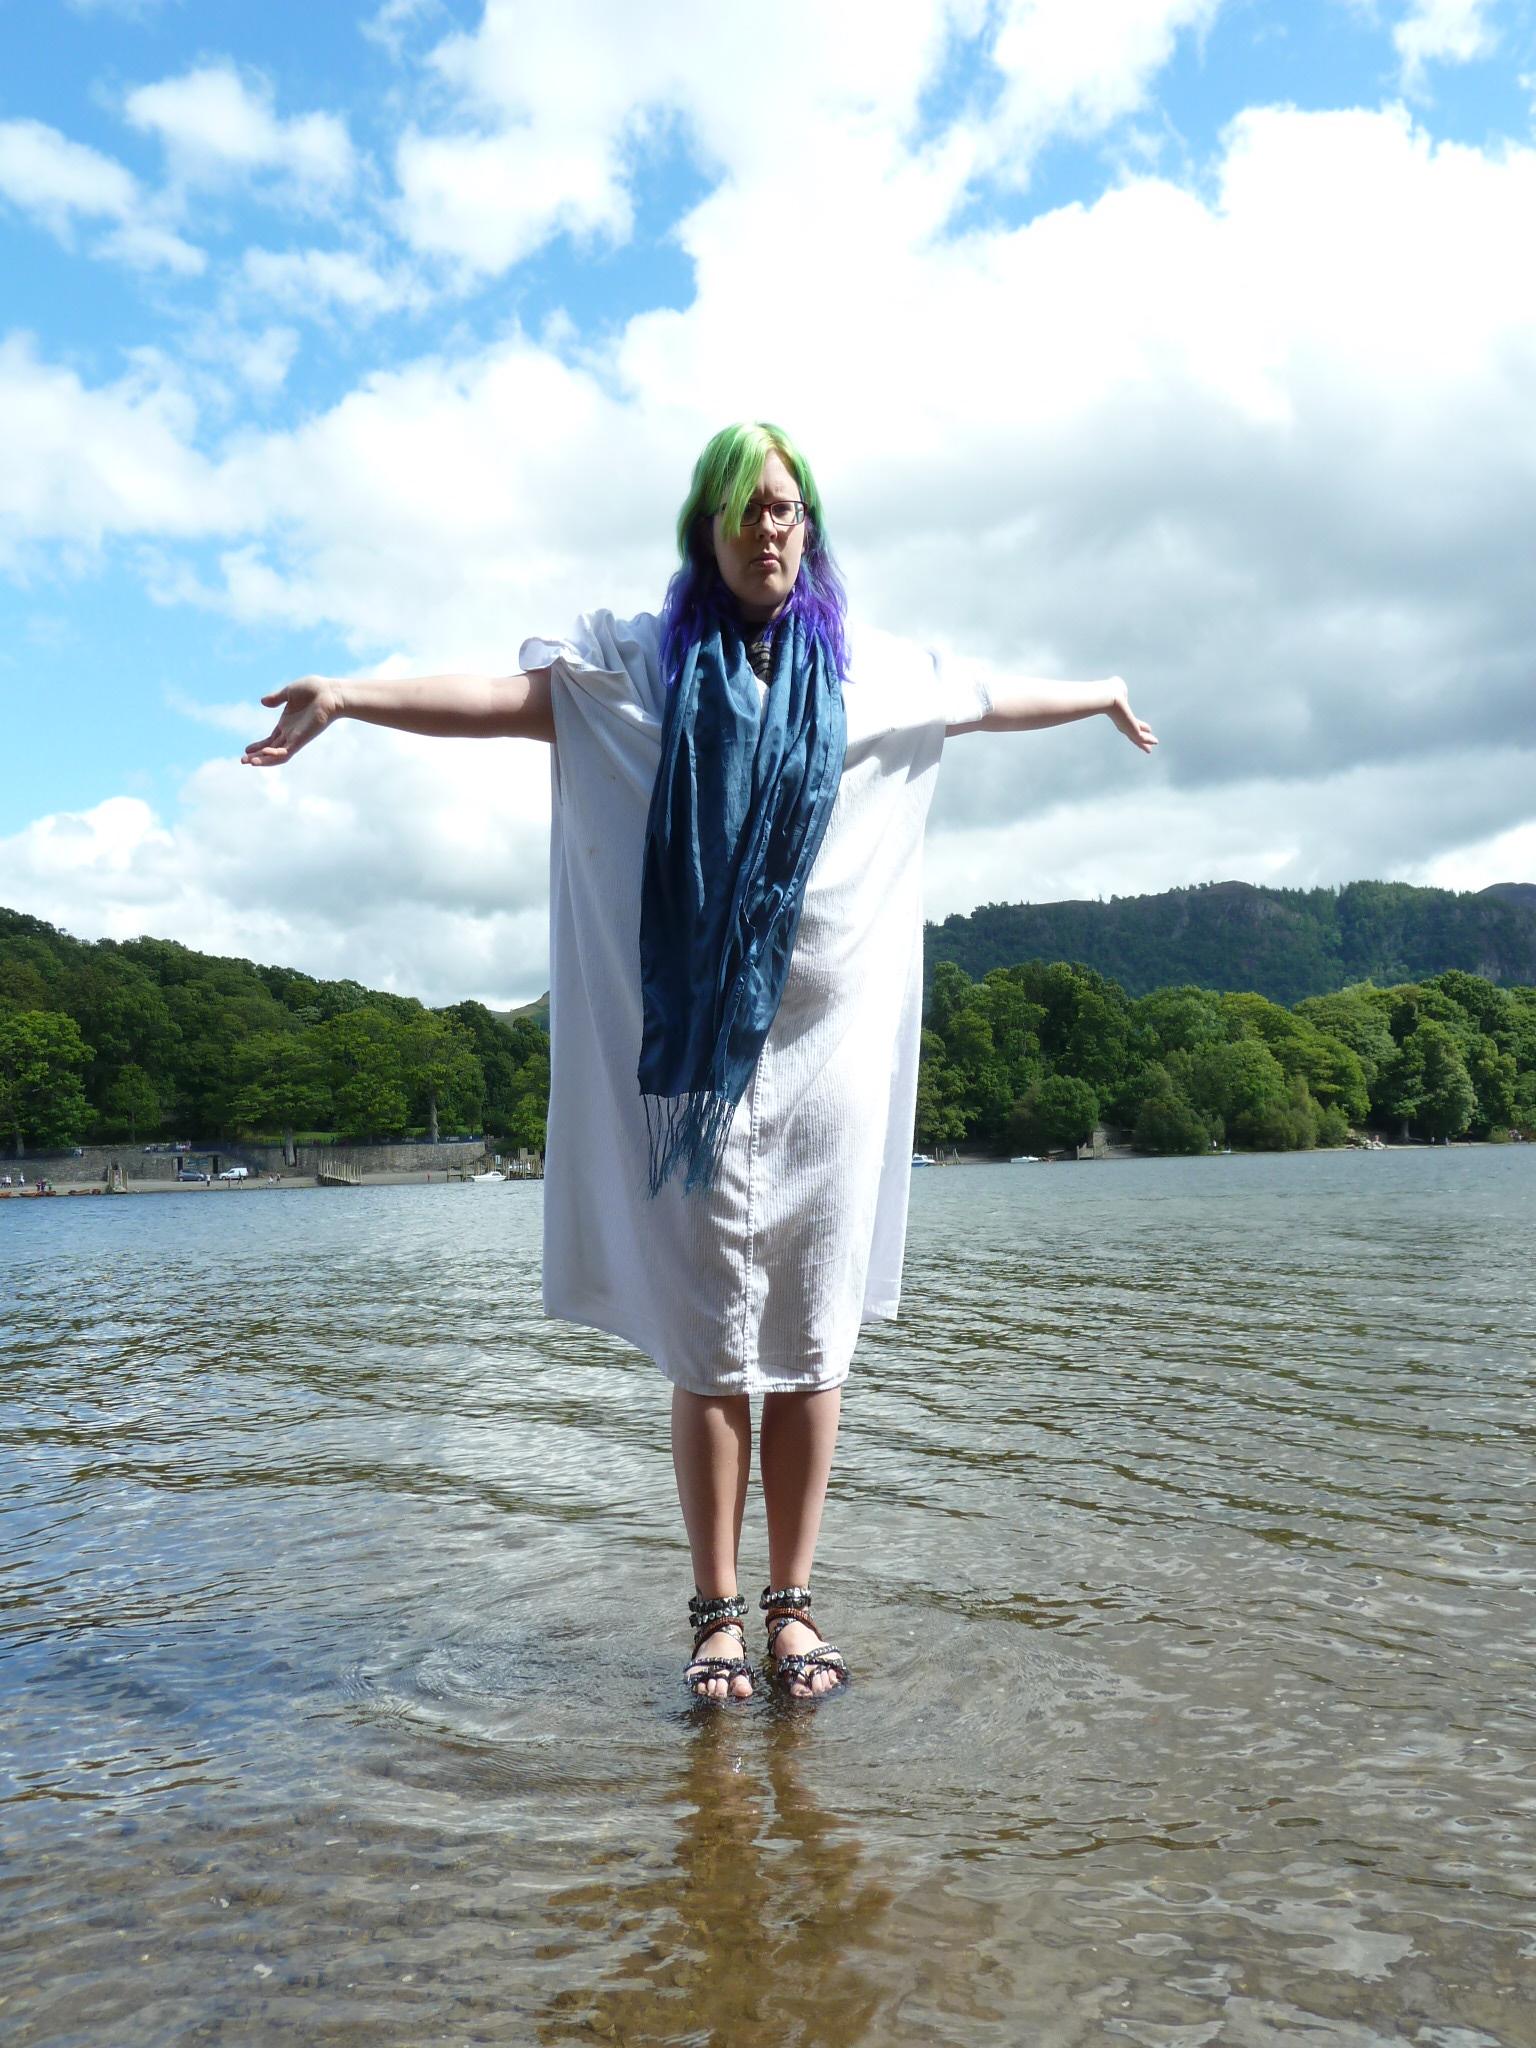 Item 74 - Walking on Water